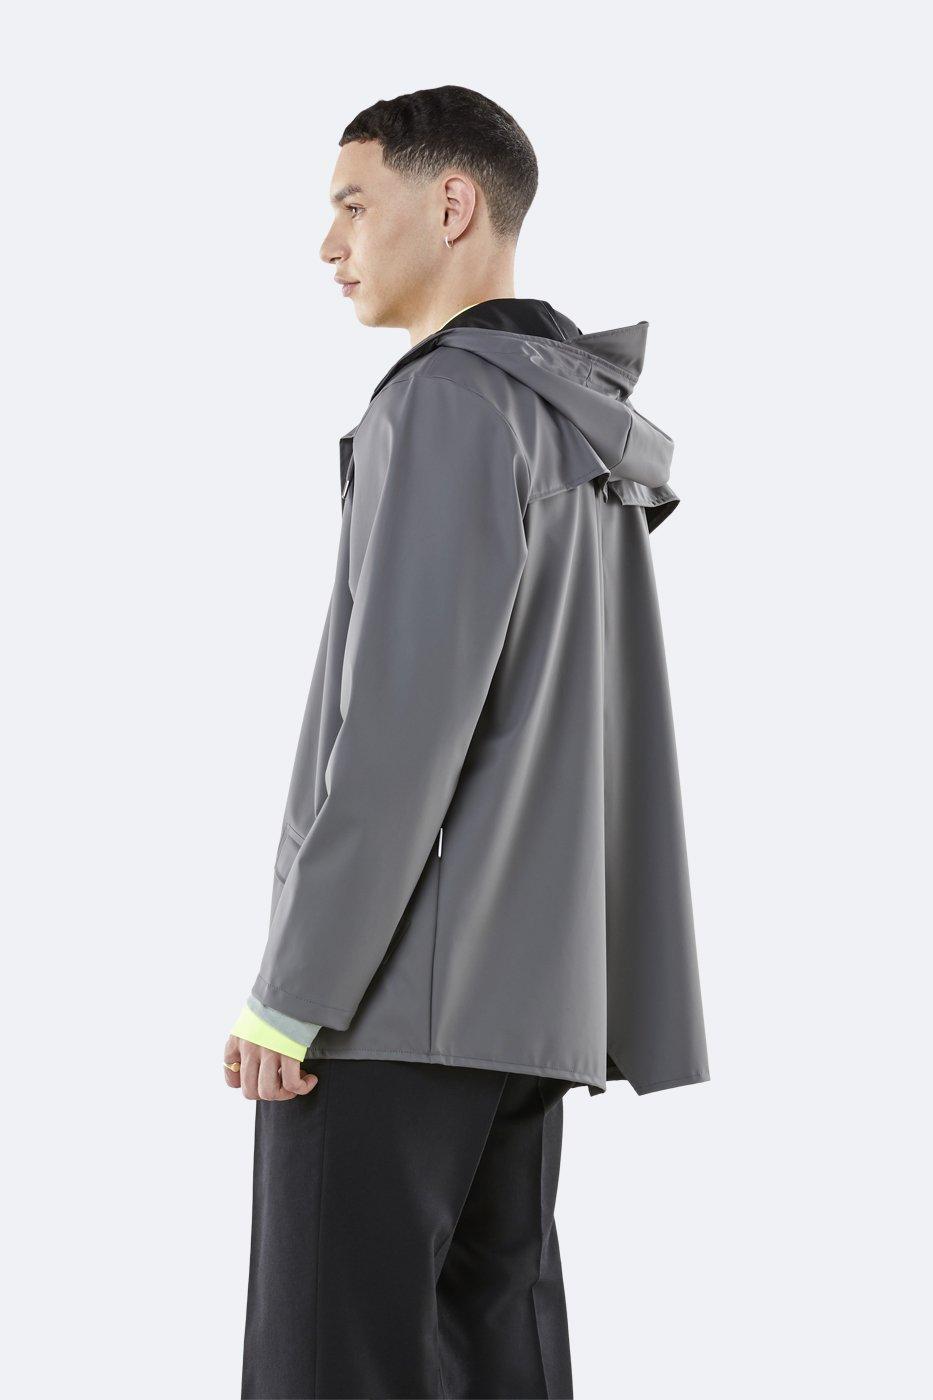 Giacca Impermeabile Pioggia Unisex Stile 1201 Nero